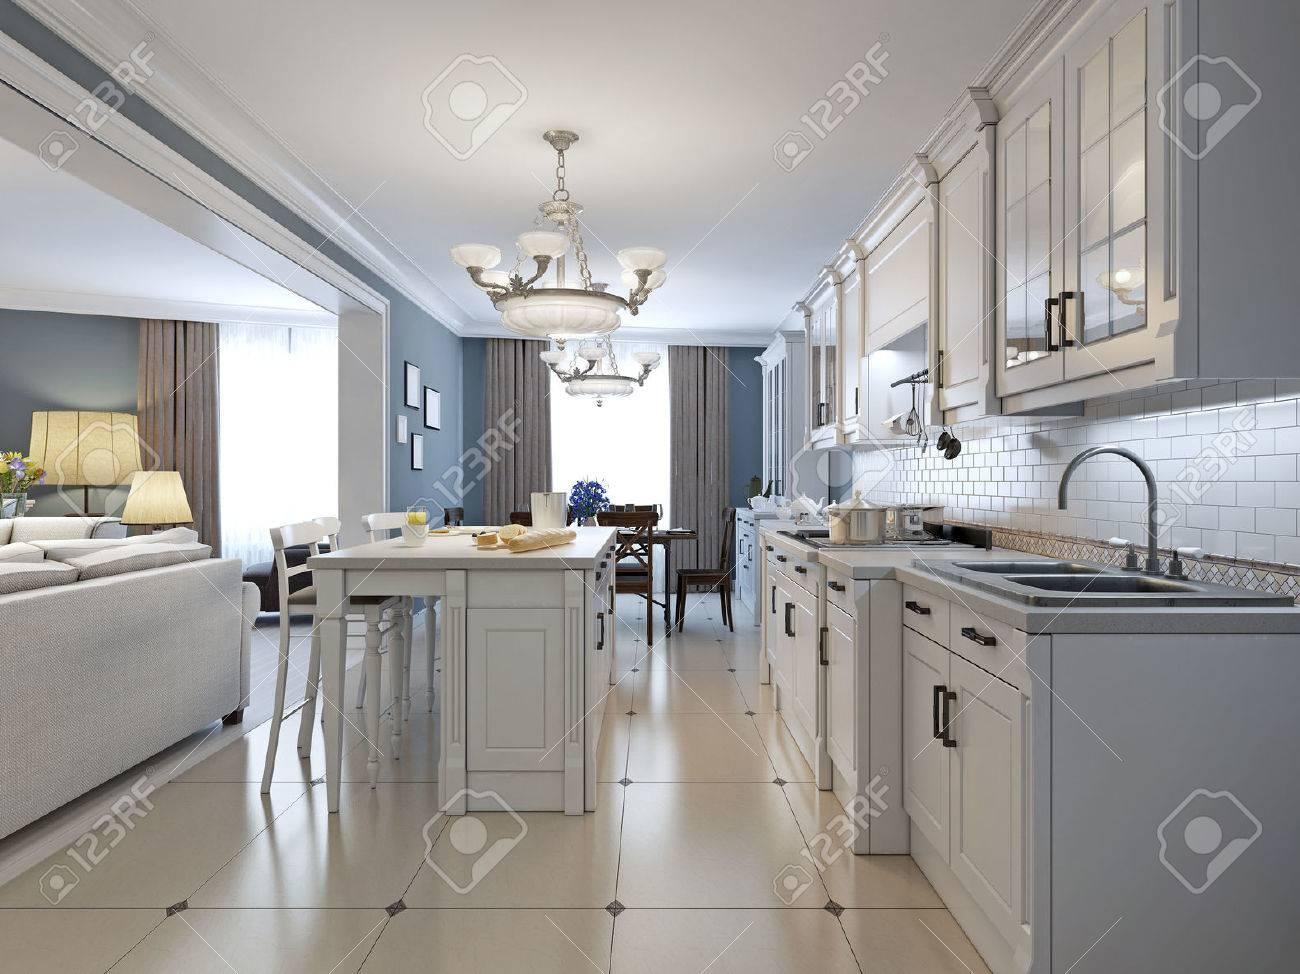 Mattonelle vietri cucina cool azulejos piastrelle portoghesi with